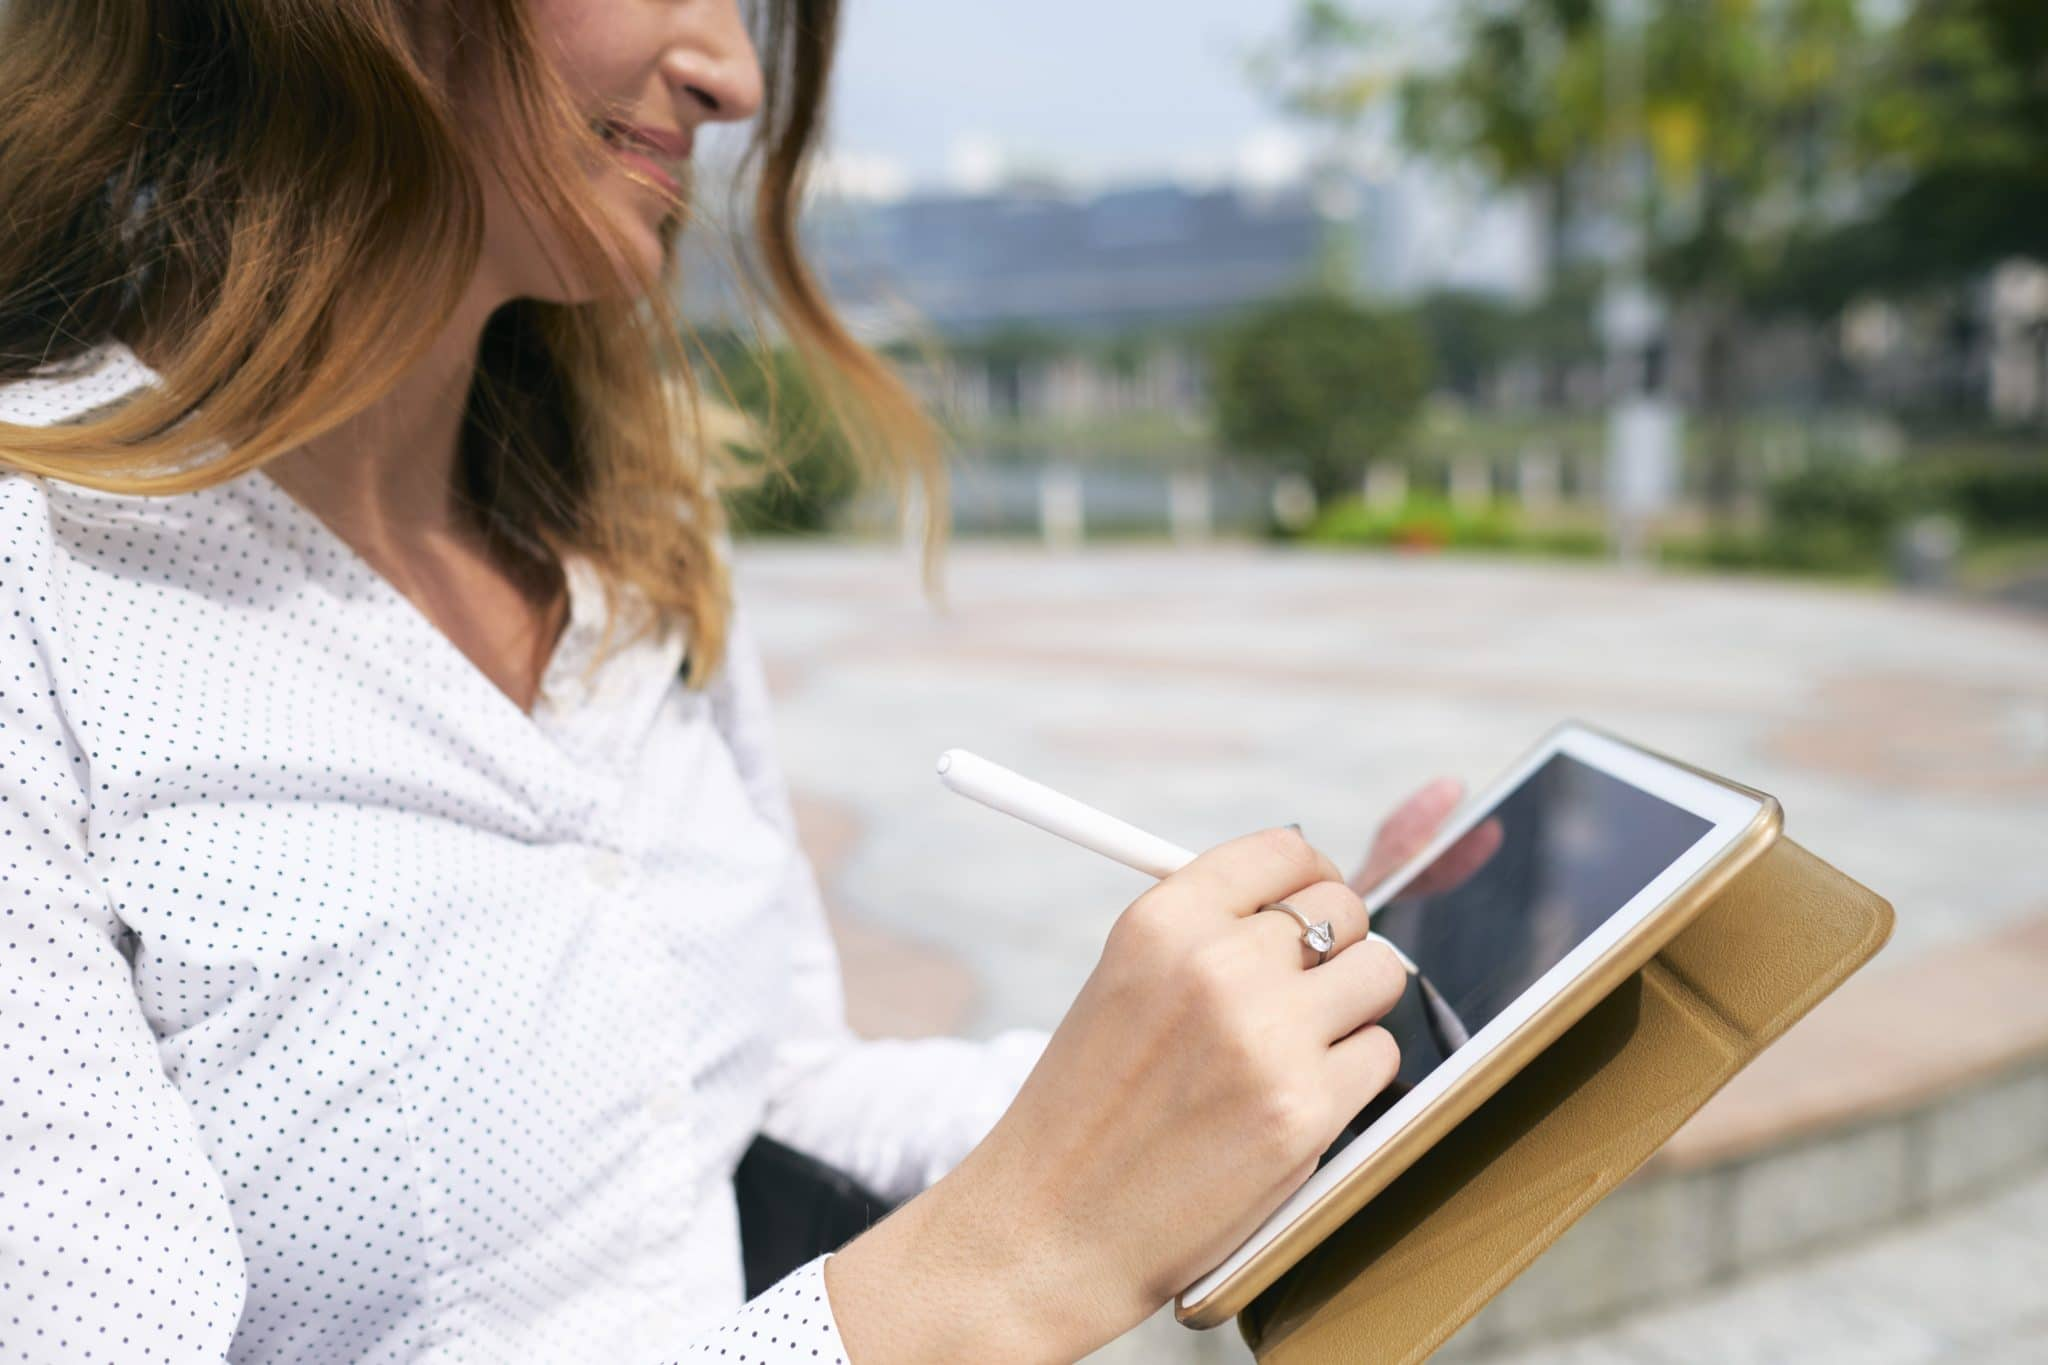 Mulher com tablet na mão fazendo assinatura eletrônica em documento